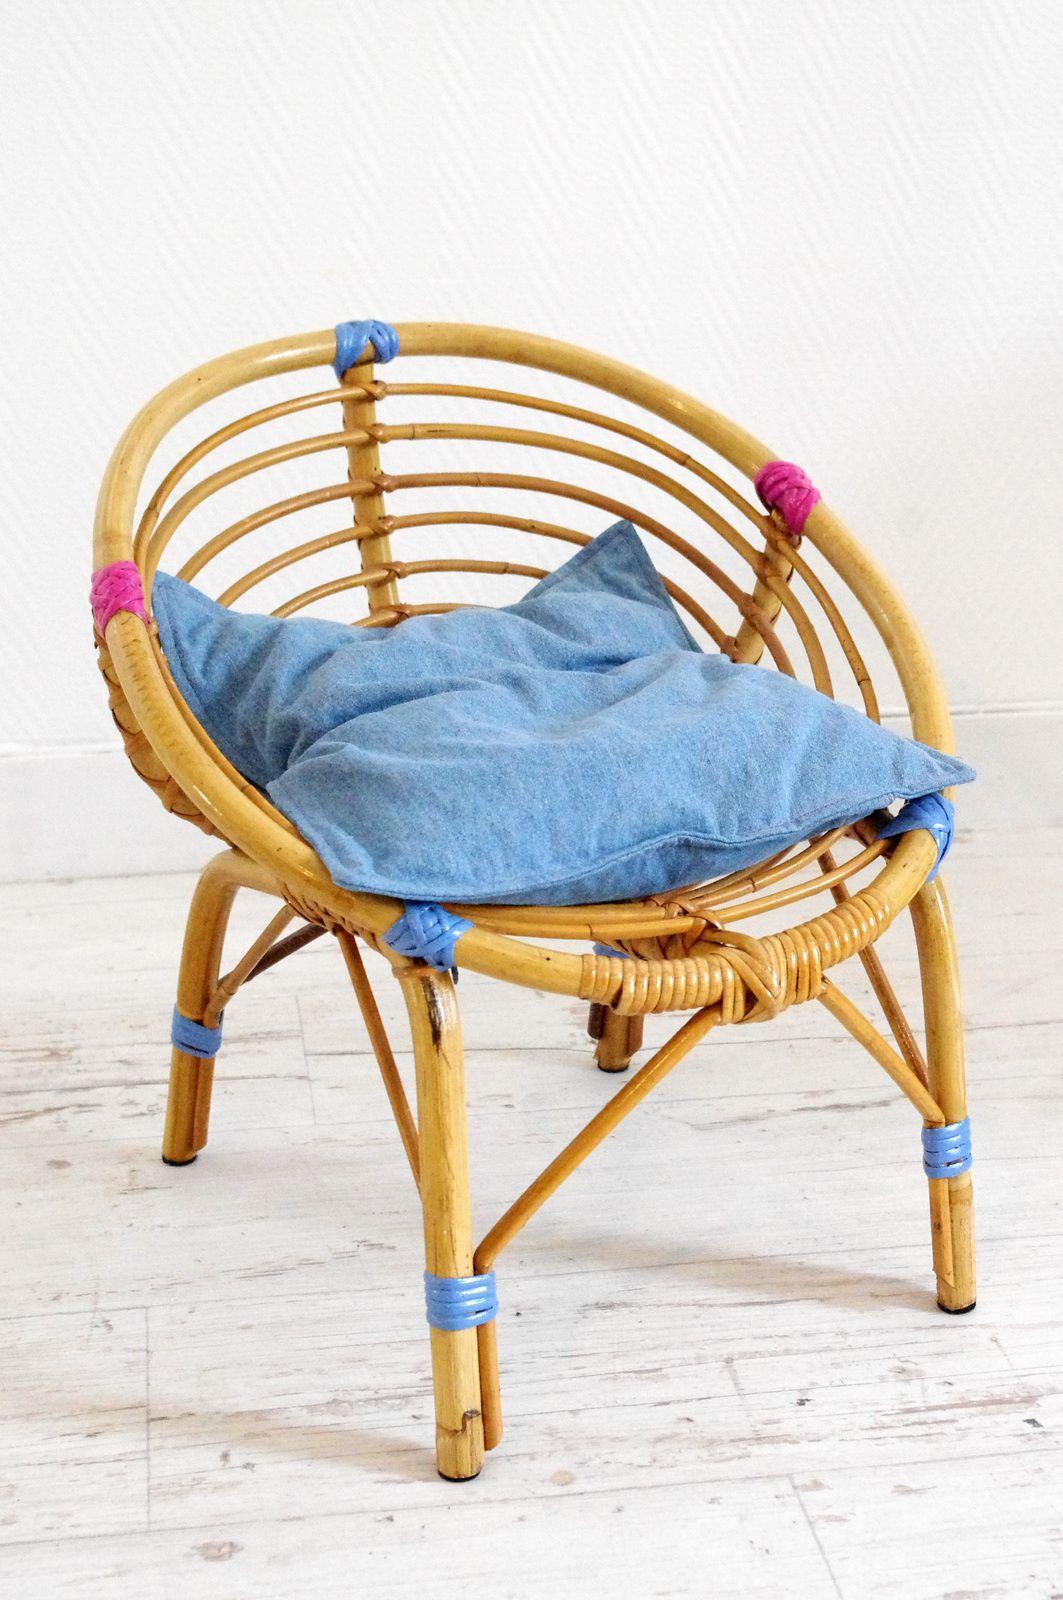 petit fauteuil d 39 enfant en osier l 39 abracadabroc. Black Bedroom Furniture Sets. Home Design Ideas